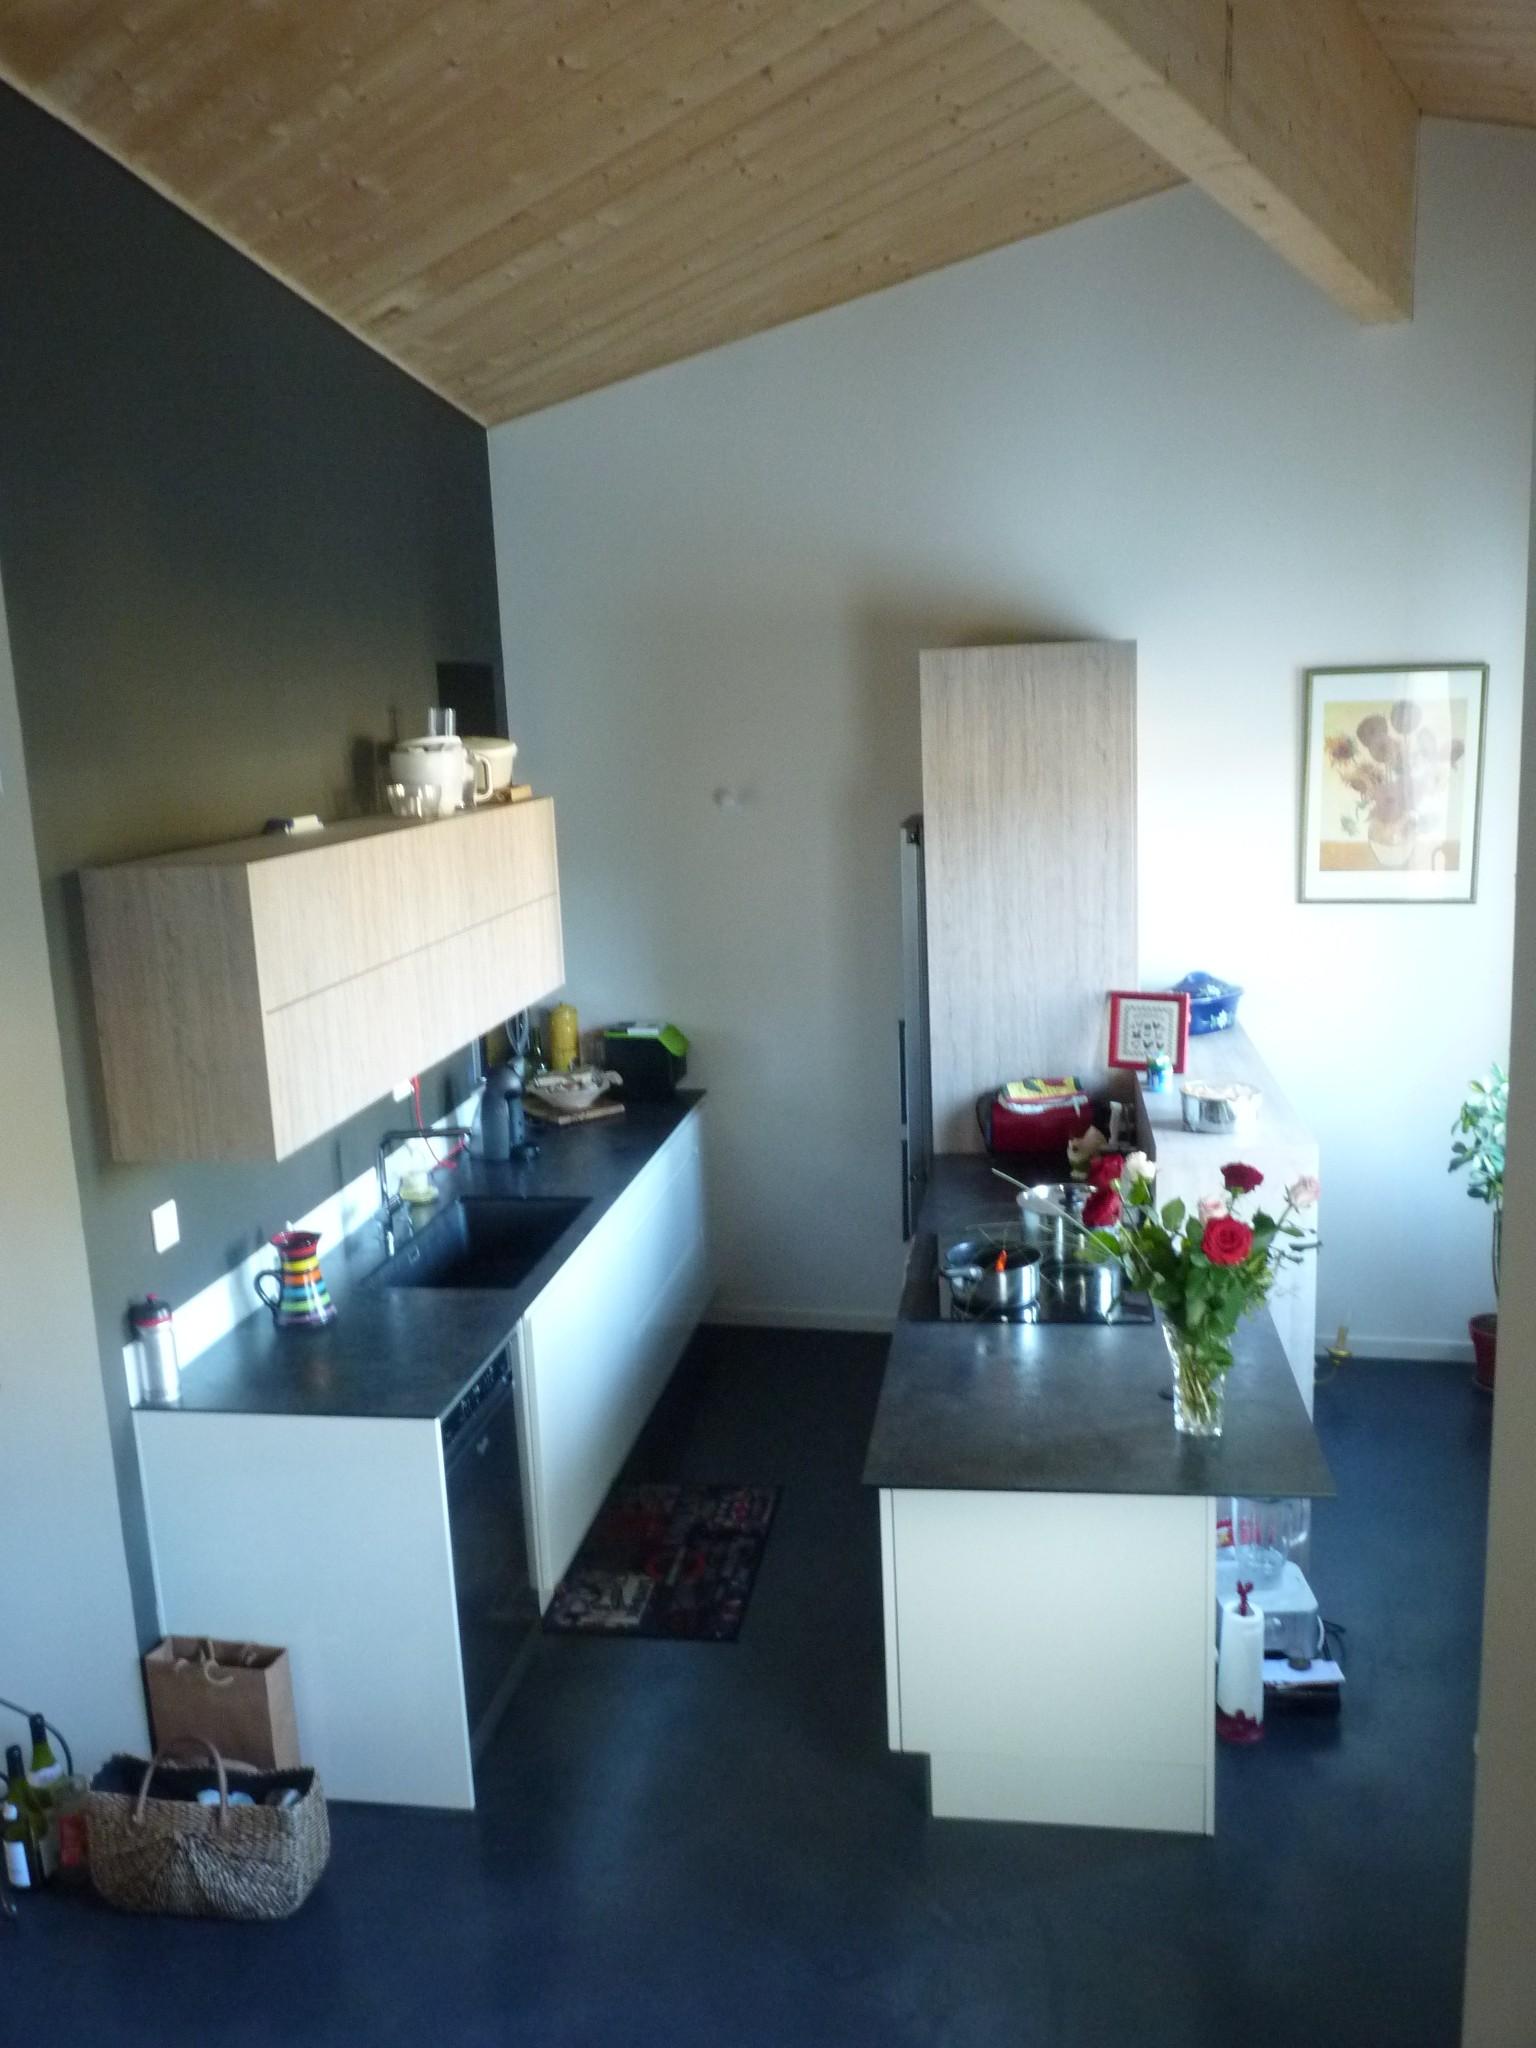 Création d'une cuisine - Commune de 69650 ST GERMAIN AU MONT d'OR on